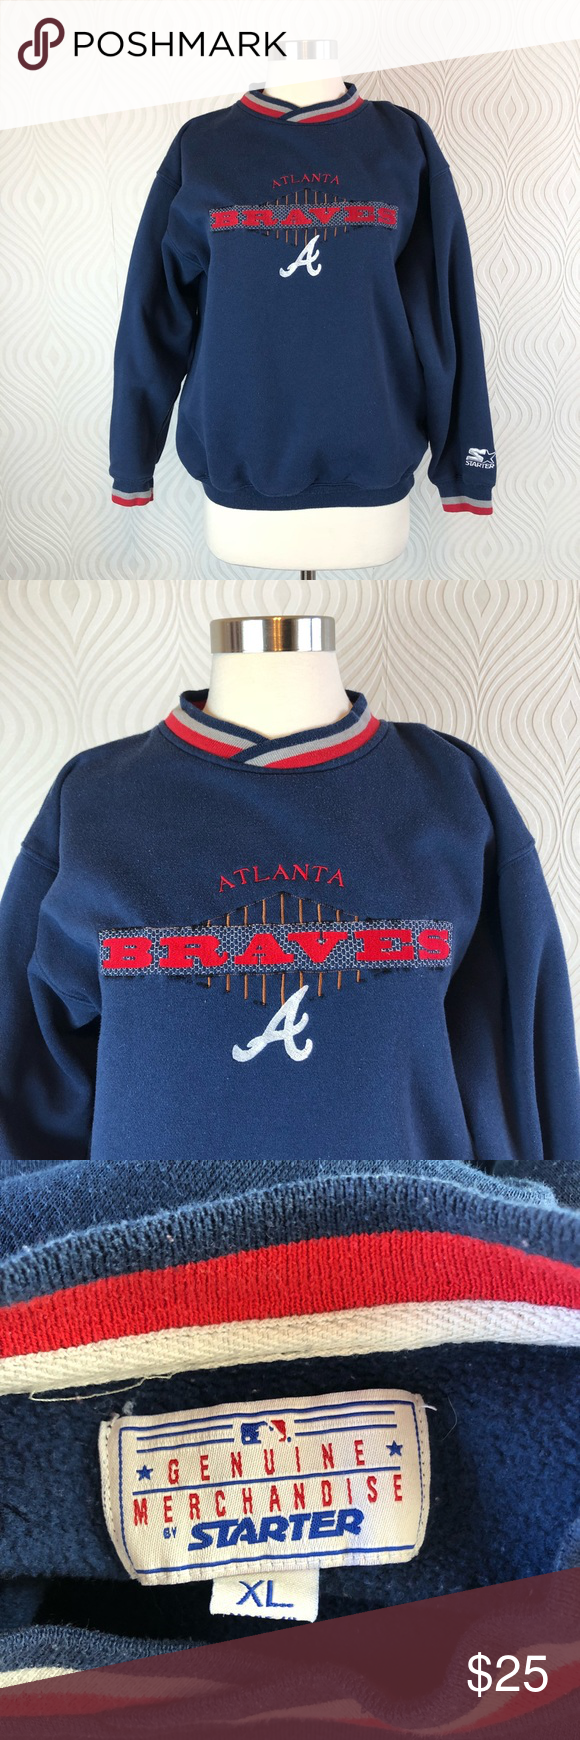 Vintage Starter Atlanta Braves Sweatshirt In 2020 Sweatshirts Vintage Sweatshirt Atlanta Braves